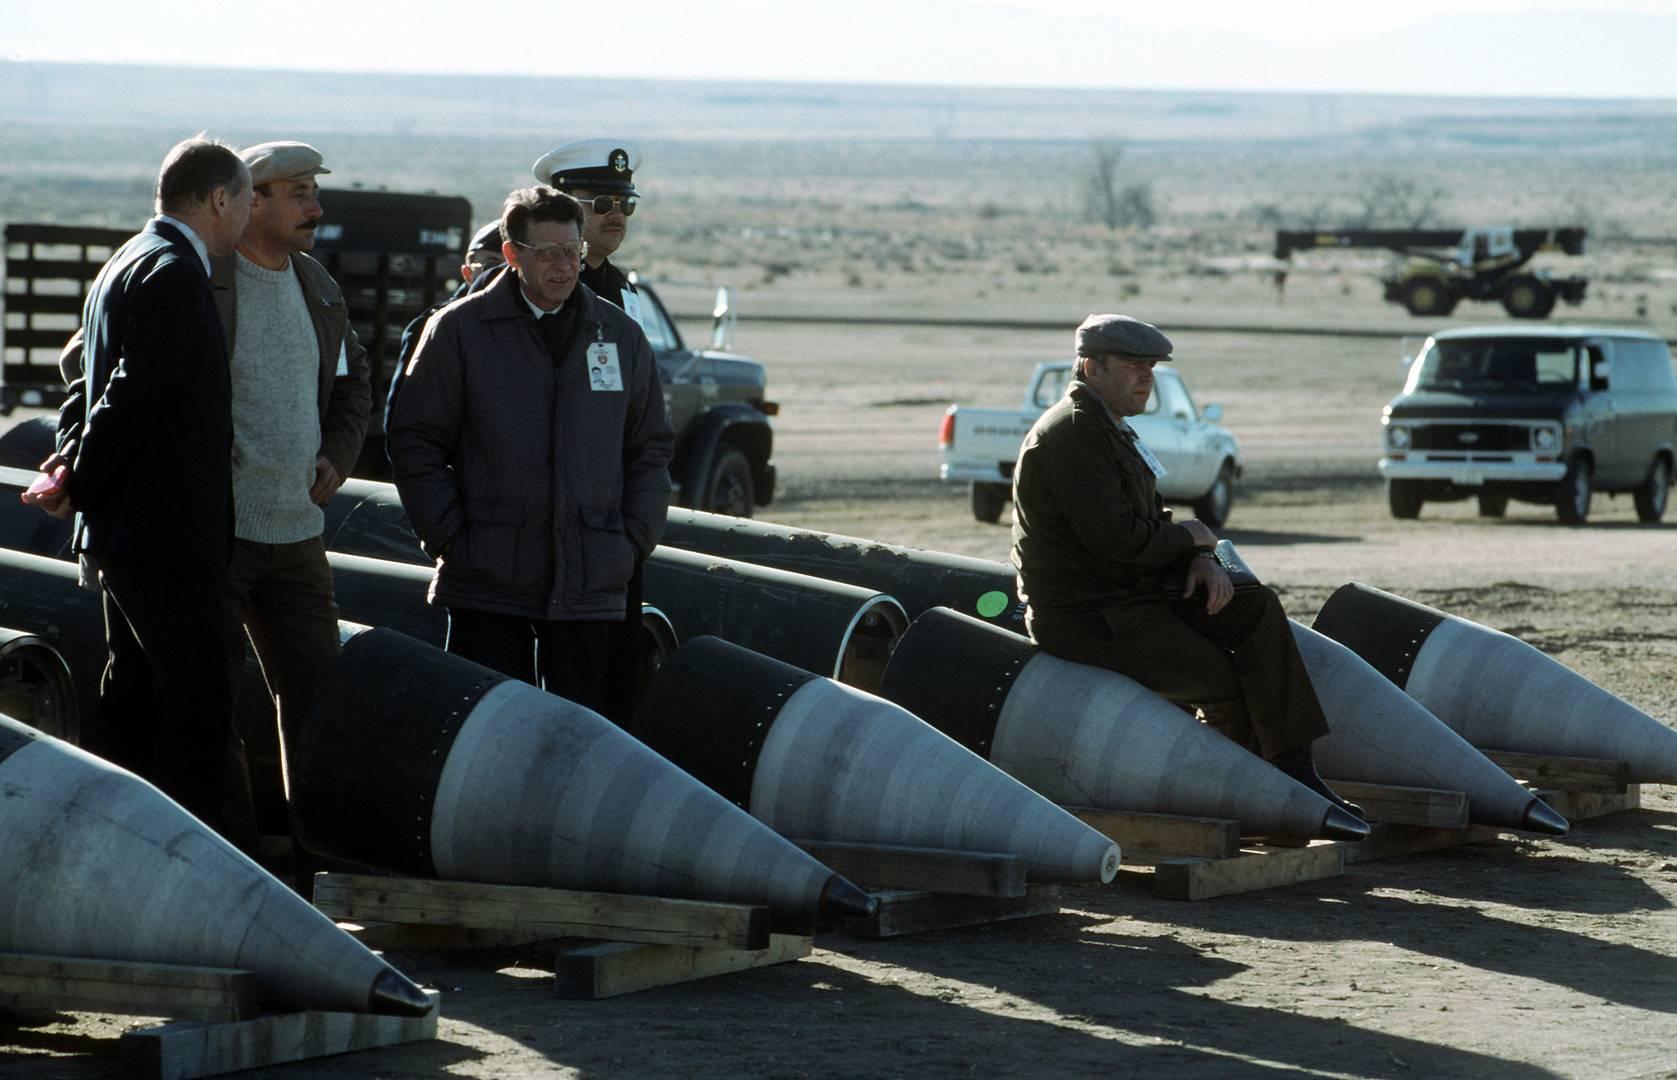 Советские инспекторы и американские сопровождающие среди разобранных ракет «Першинг-2» наблюдают за уничтожением их компонентов. 14 января 1989